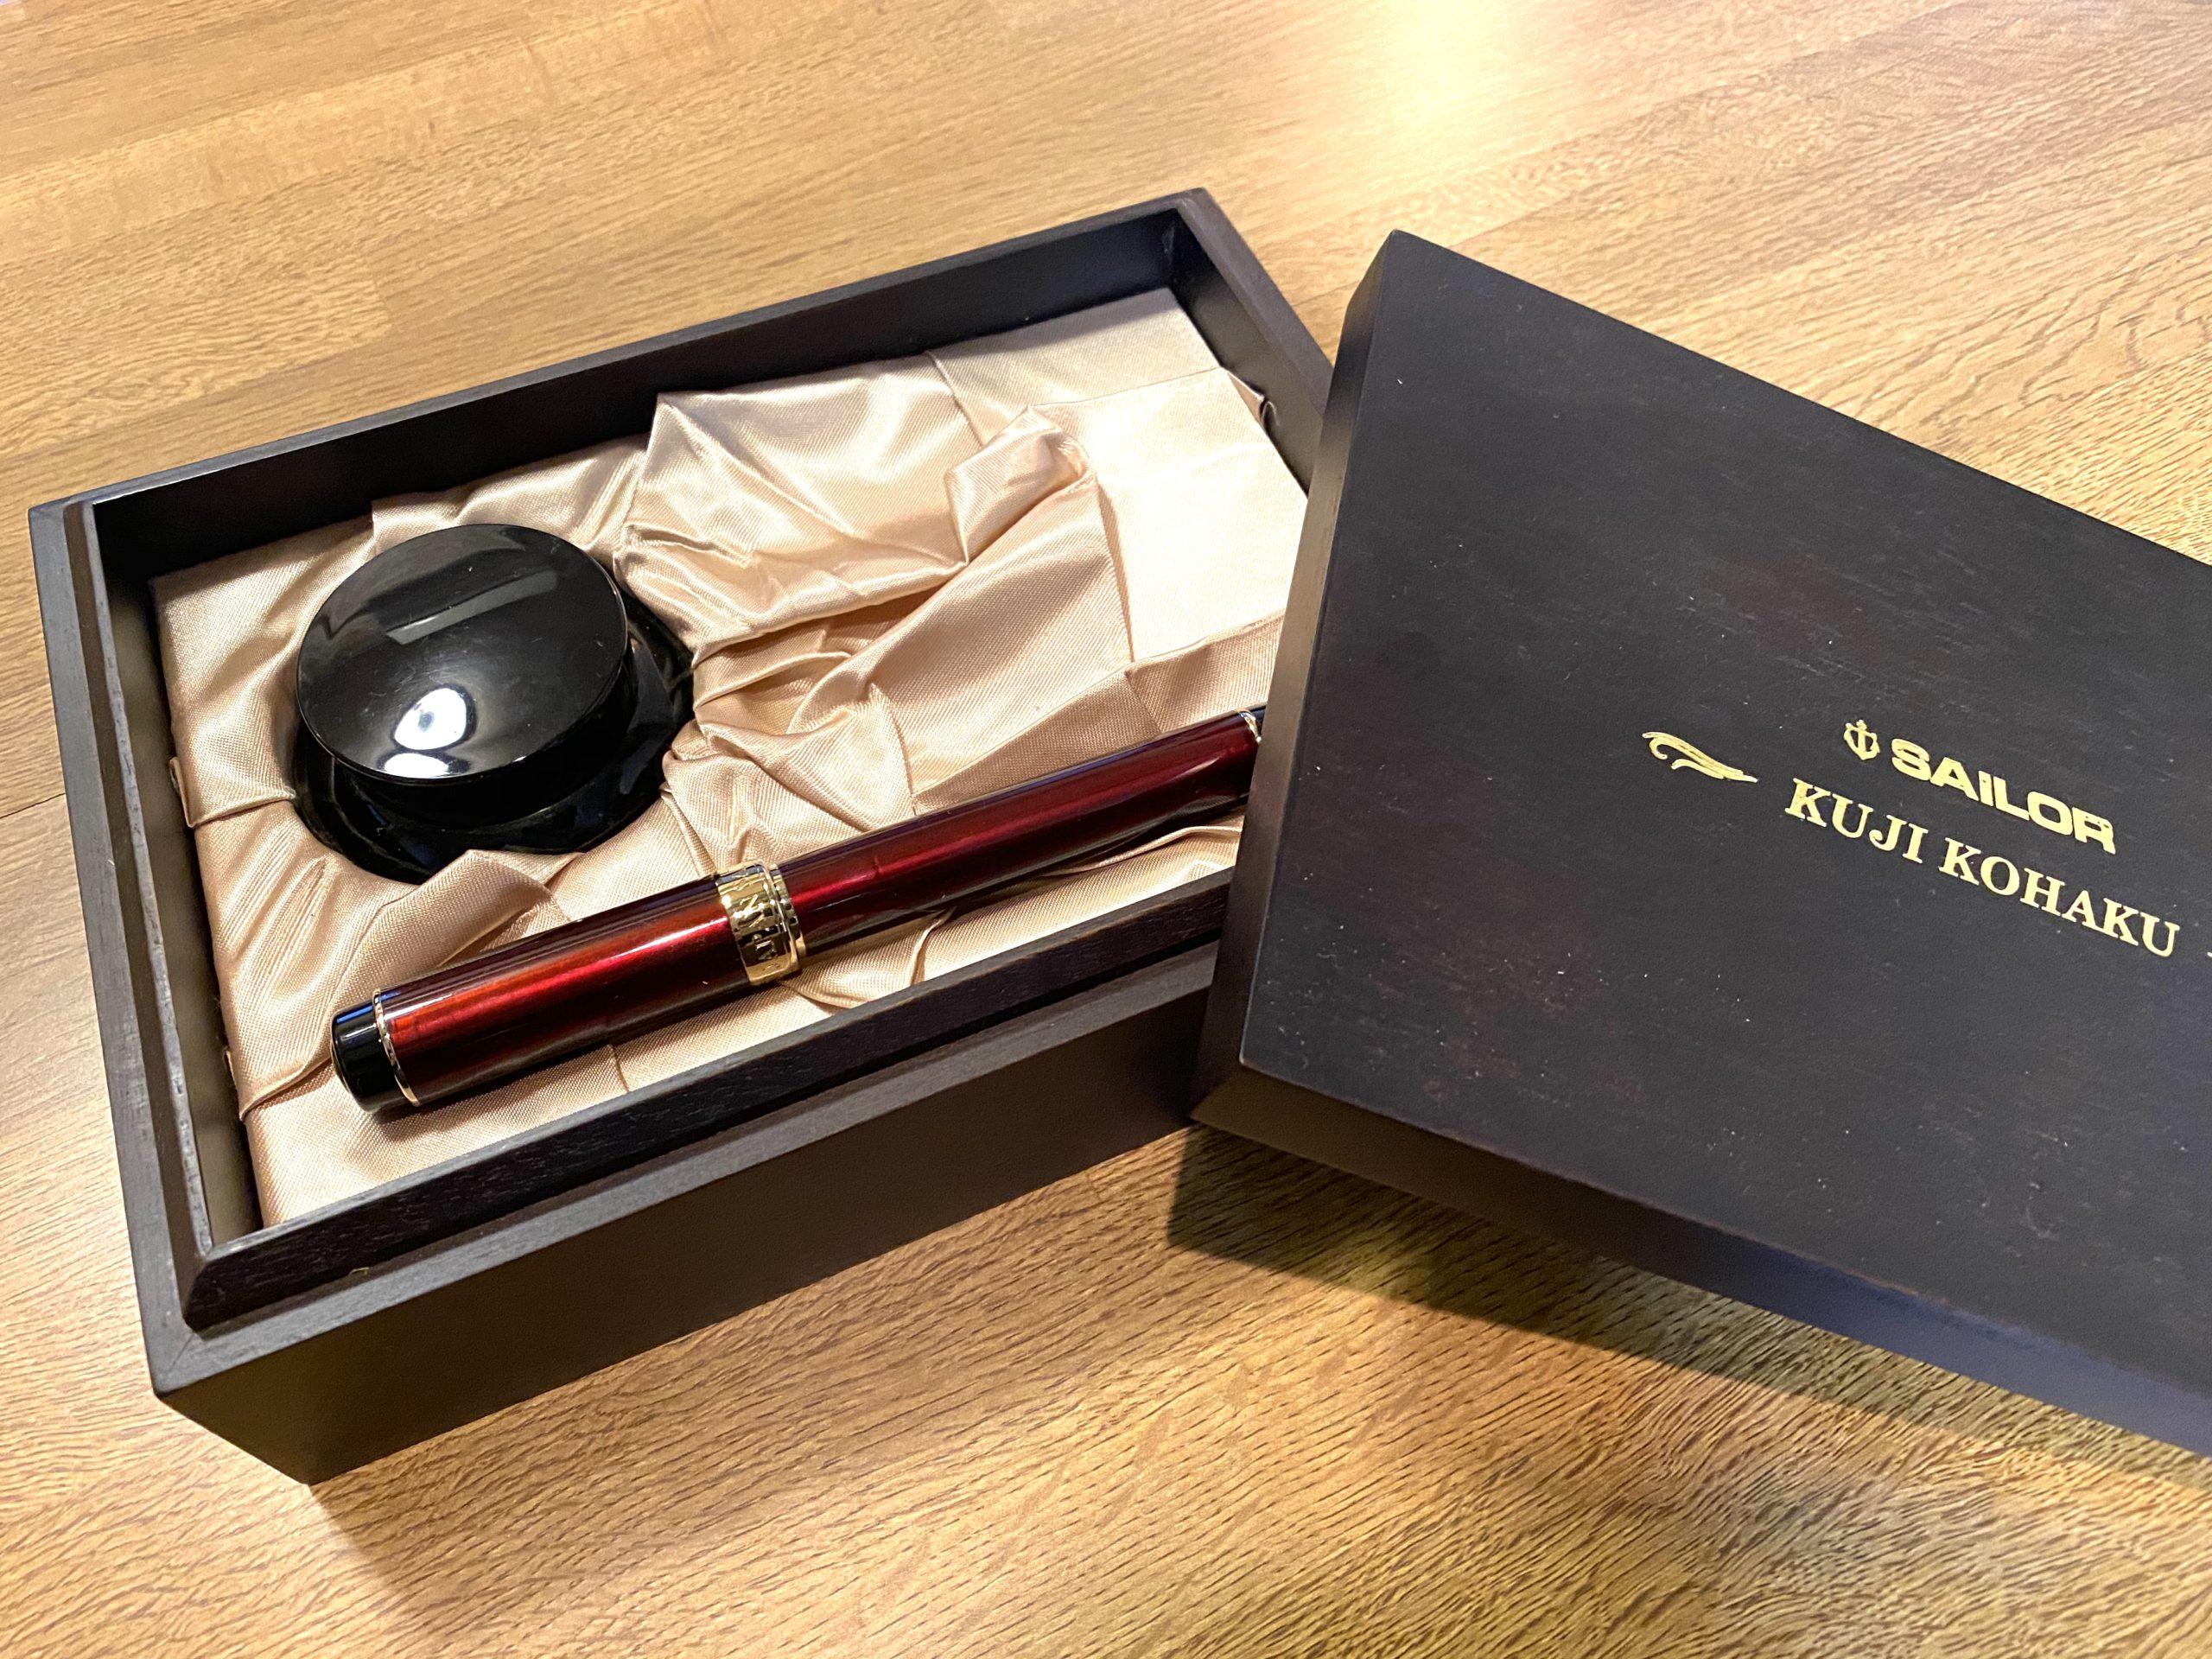 SAILOR(セーラー) 久慈琥珀 万年筆 K21をお買取させていただきました。